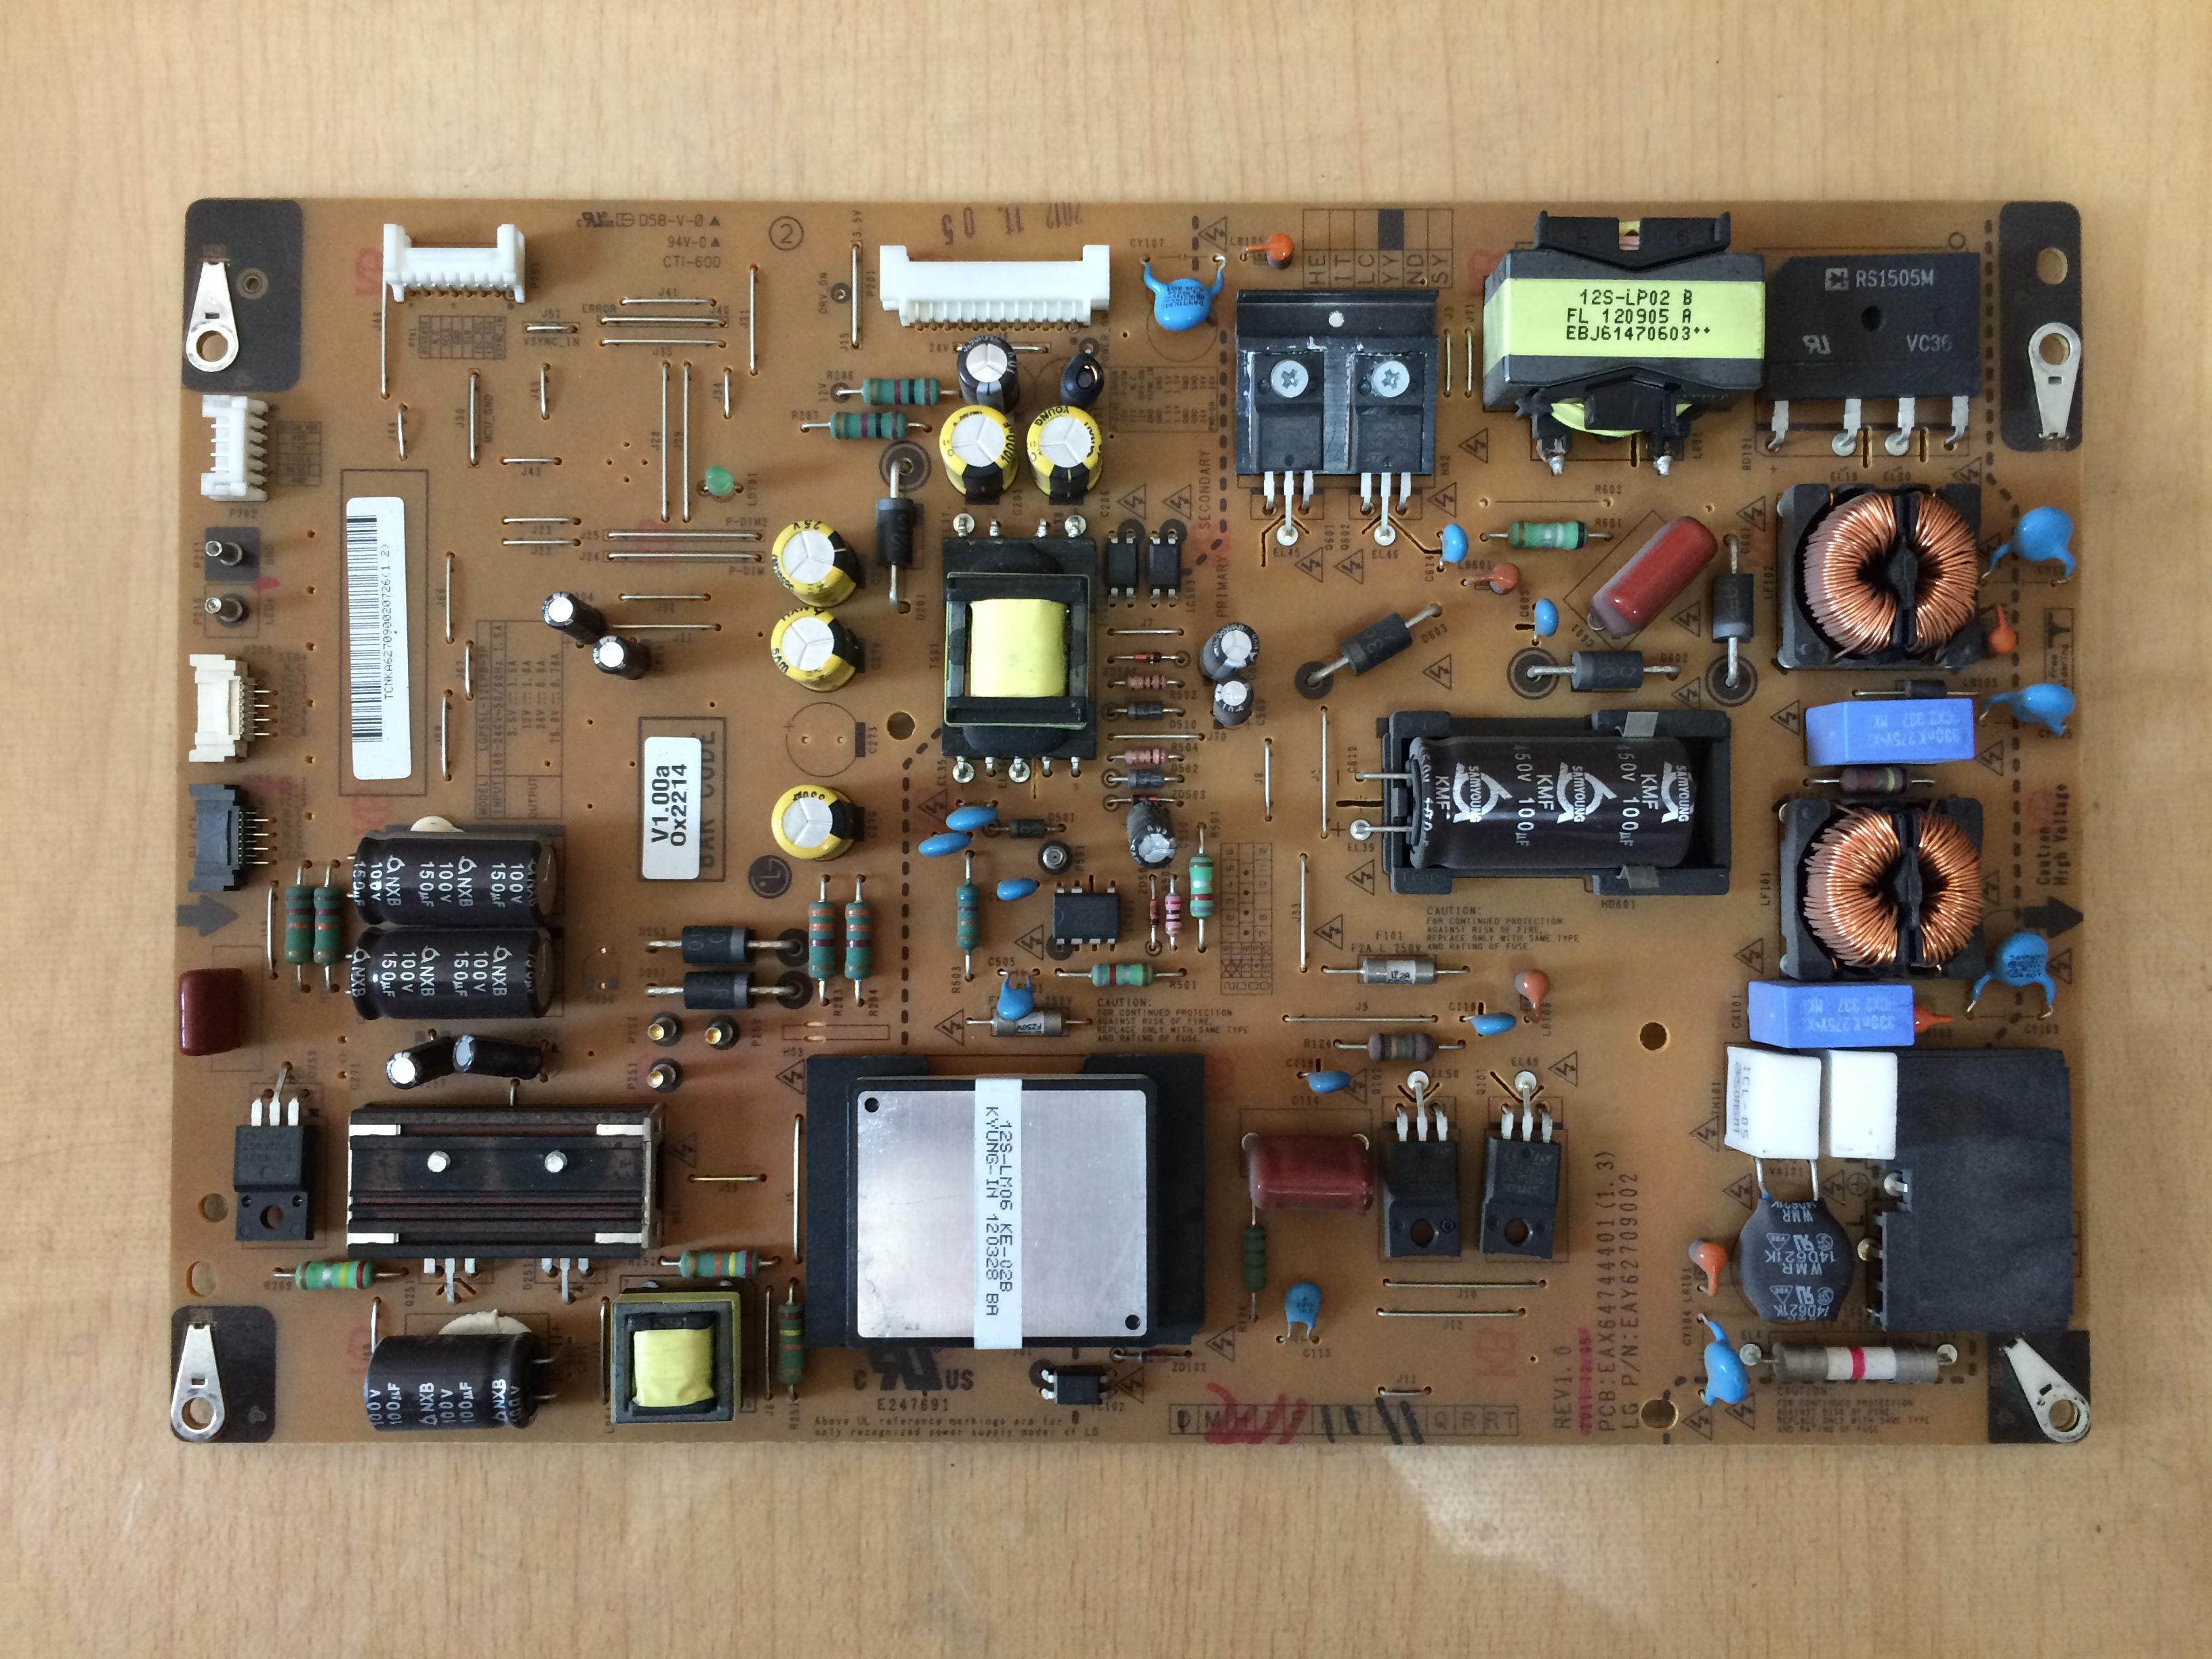 LG LCD - TV 55LM6700-CE Power Board LGP55L-12LPB-3PEAX64744401